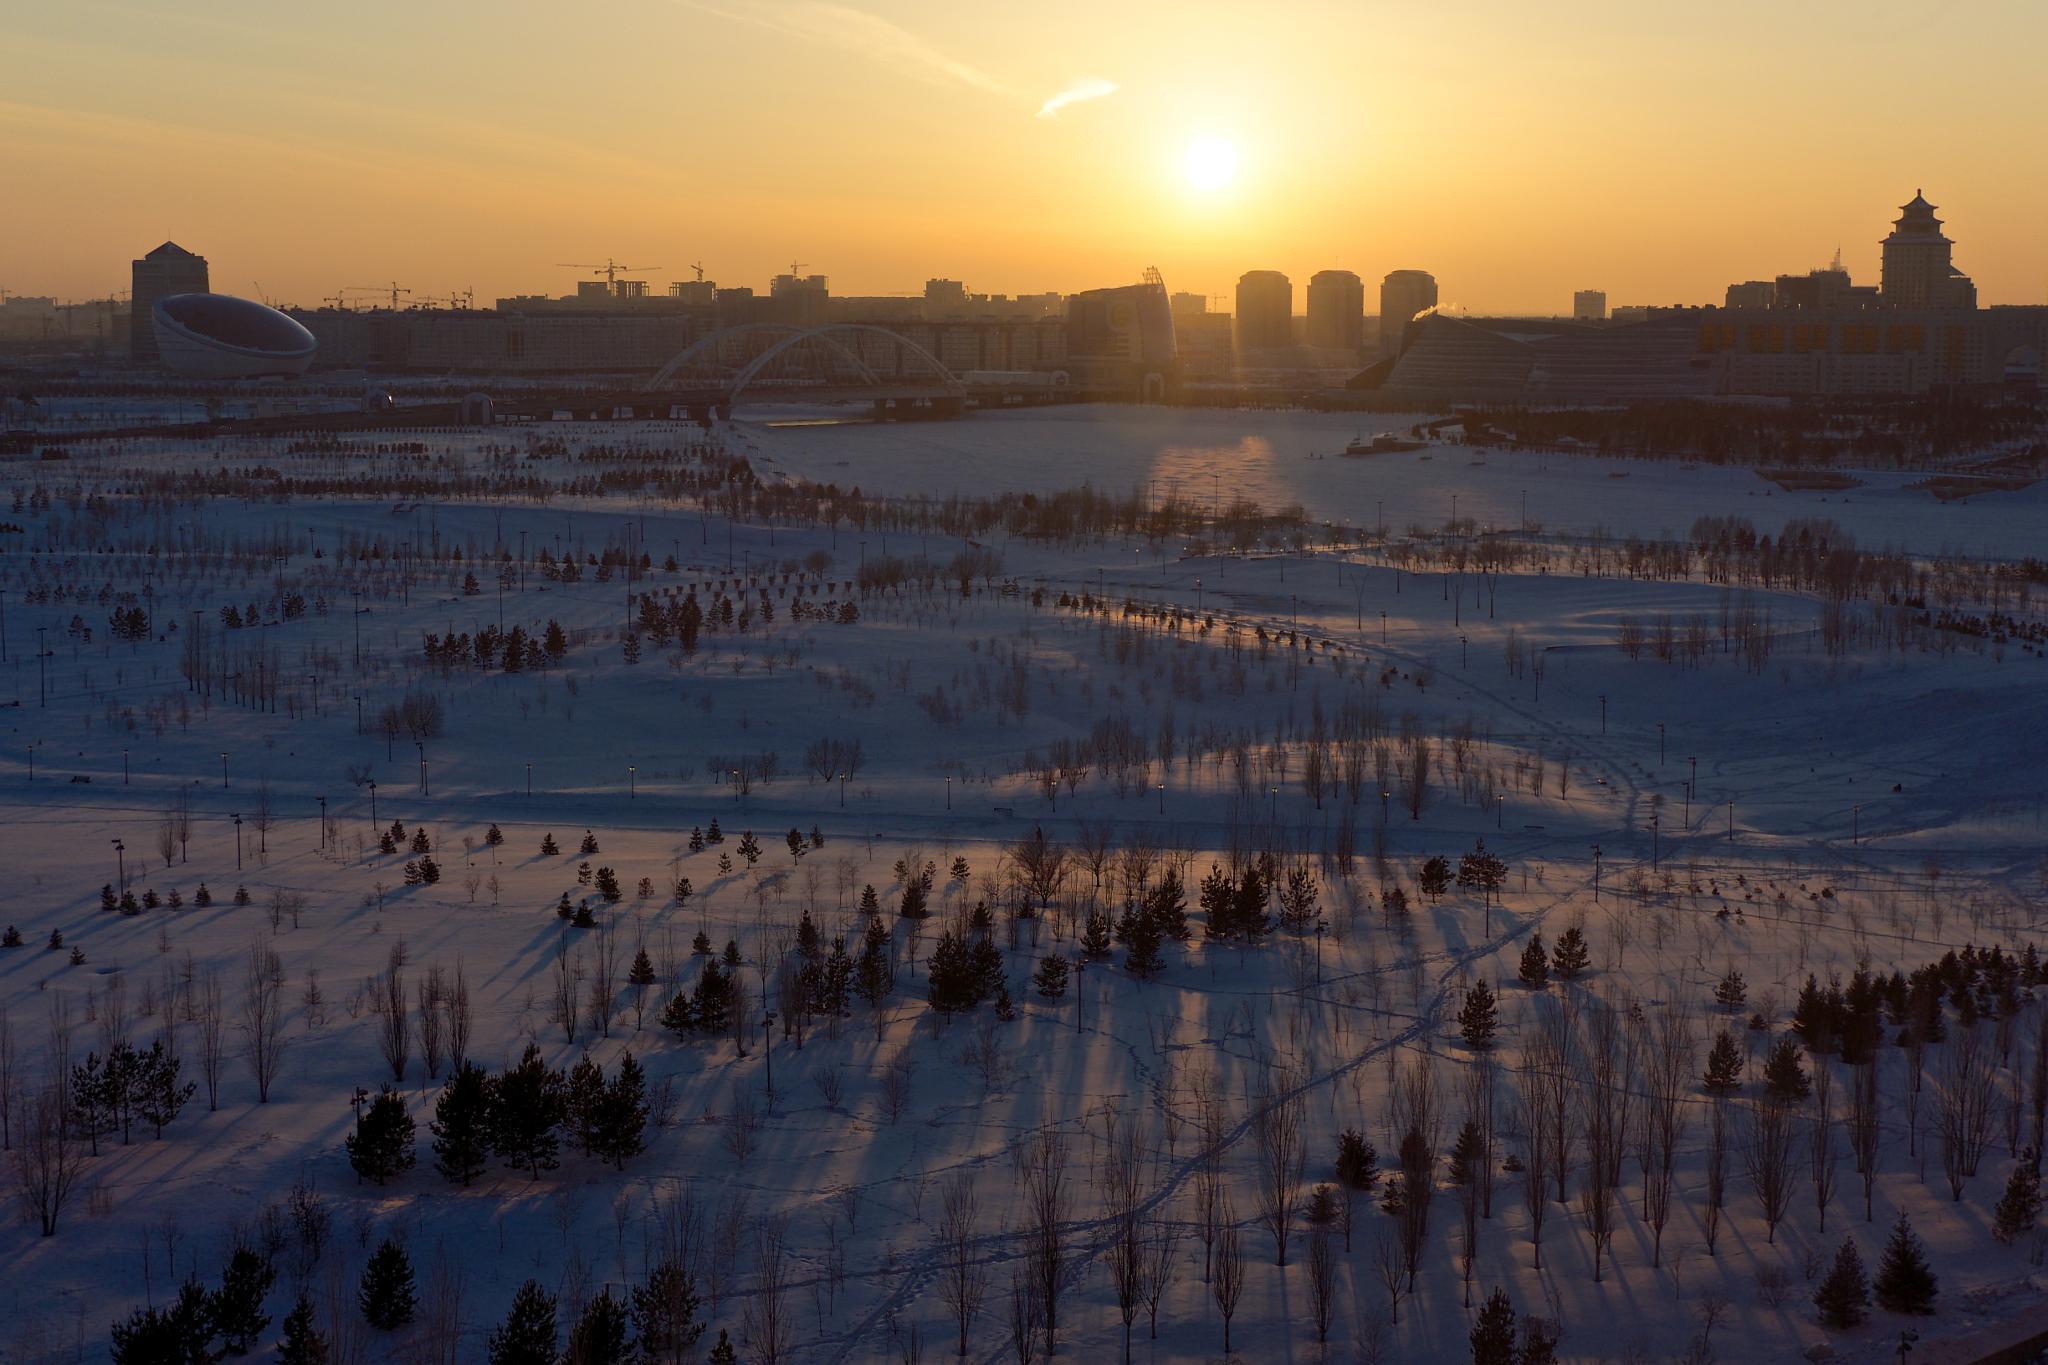 Light of the steppe by alexandre duarte